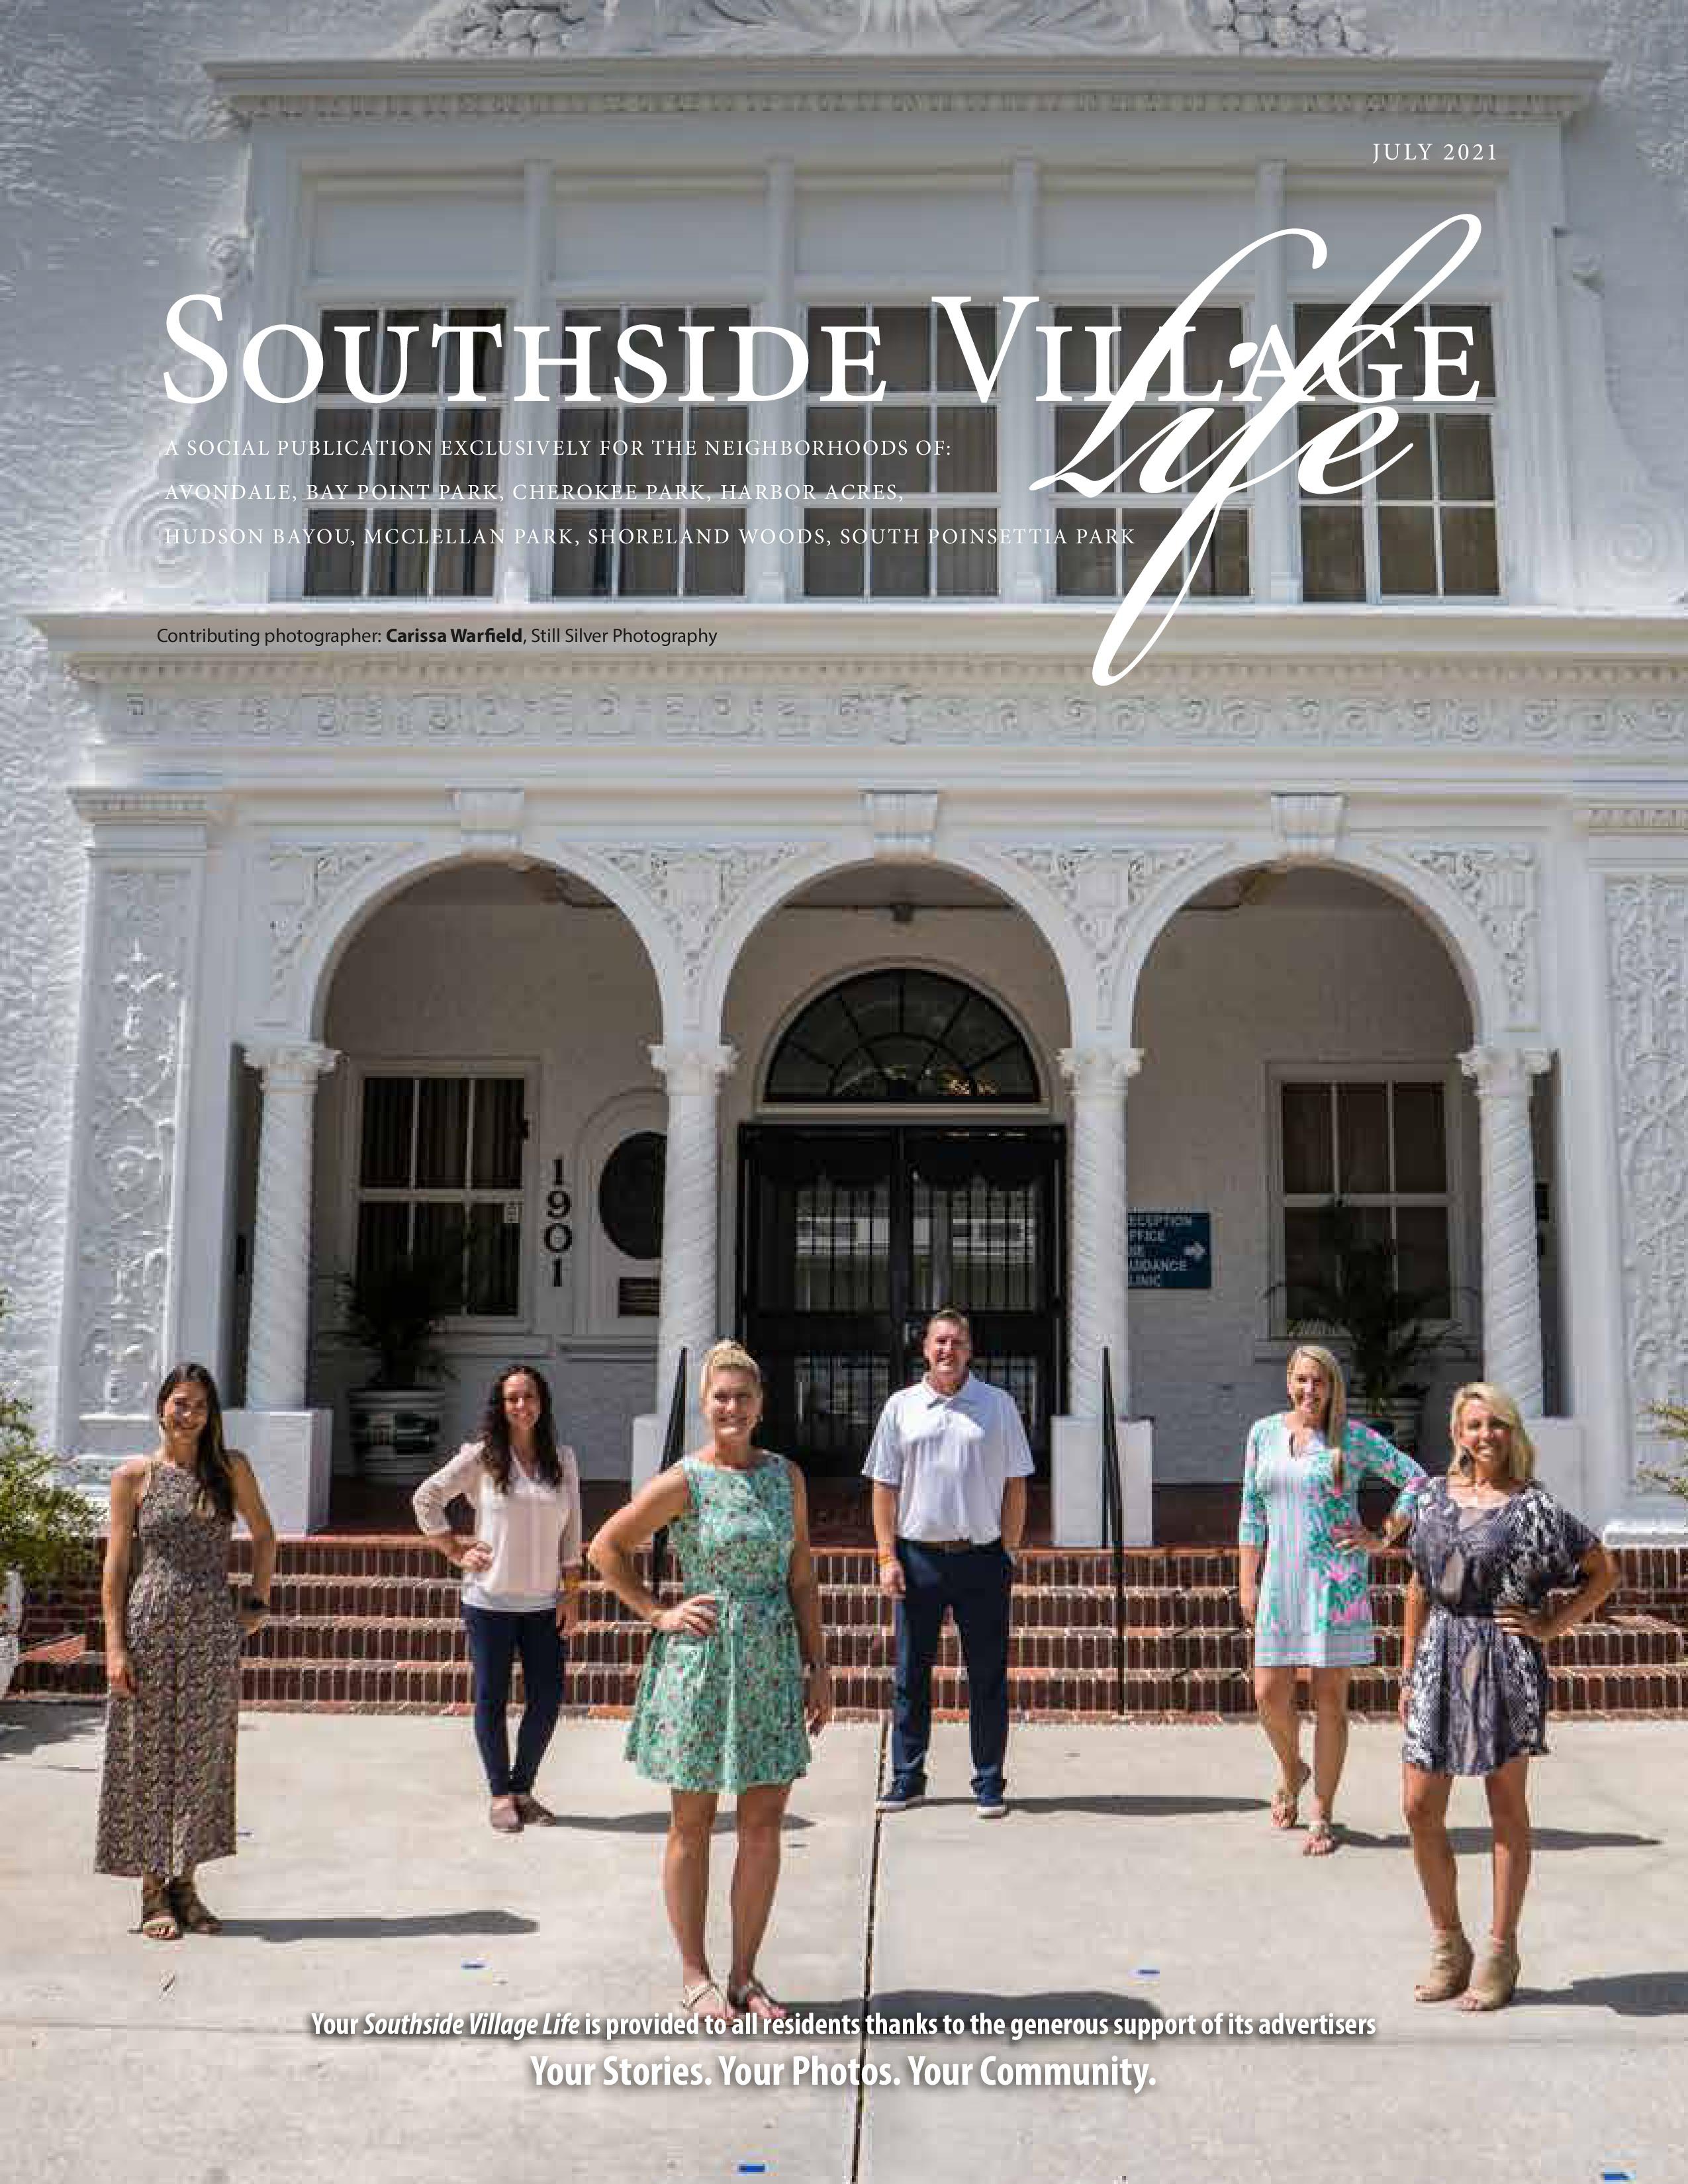 Southside Village Life 2021-07-01